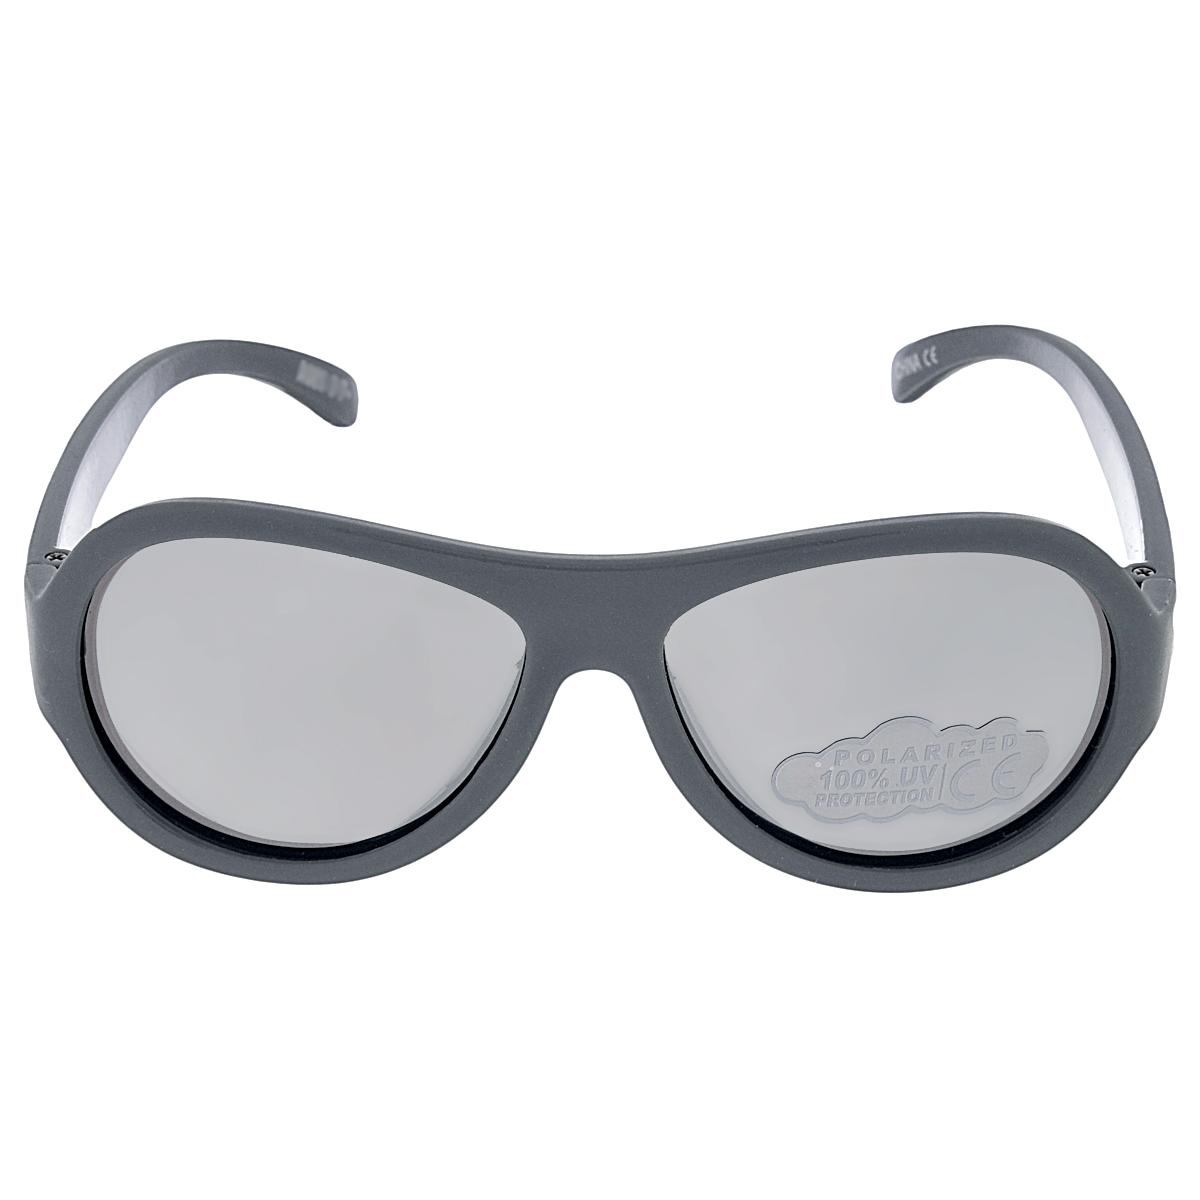 Детские солнцезащитные очки Babiators Камуфляж (Camo), поляризационные, с футляром, цвет: серый, 0-3 летBAB-080Защита глаз всегда в моде. Вы делаете все возможное, чтобы ваши дети были здоровы и в безопасности. Шлемы для езды на велосипеде, солнцезащитный крем для прогулок на солнце... Но как насчёт влияния солнца на глазах вашего ребёнка? Правда в том, что сетчатка глаза у детей развивается вместе с самим ребёнком. Это означает, что глаза малышей не могут отфильтровать УФ-излучение. Добавьте к этому тот факт, что дети за год получают трёхкратную дозу солнечного воздействия на взрослого человека (доклад Vision Council Report 2013, США). Проблема понятна - детям нужна настоящая защита, чтобы глазки были в безопасности, а зрение сильным. Каждая пара солнцезащитных очков Babiators для детей обеспечивает 100% защиту от UVA и UVB. Прочные линзы высшего качества не подведут в самых сложных переделках. В отличие от обычных пластиковых очков, оправа Babiators выполнена из гибкого прорезиненного материала, что делает их ударопрочными, их можно сгибать и крутить - они не сломаются и вернутся в...